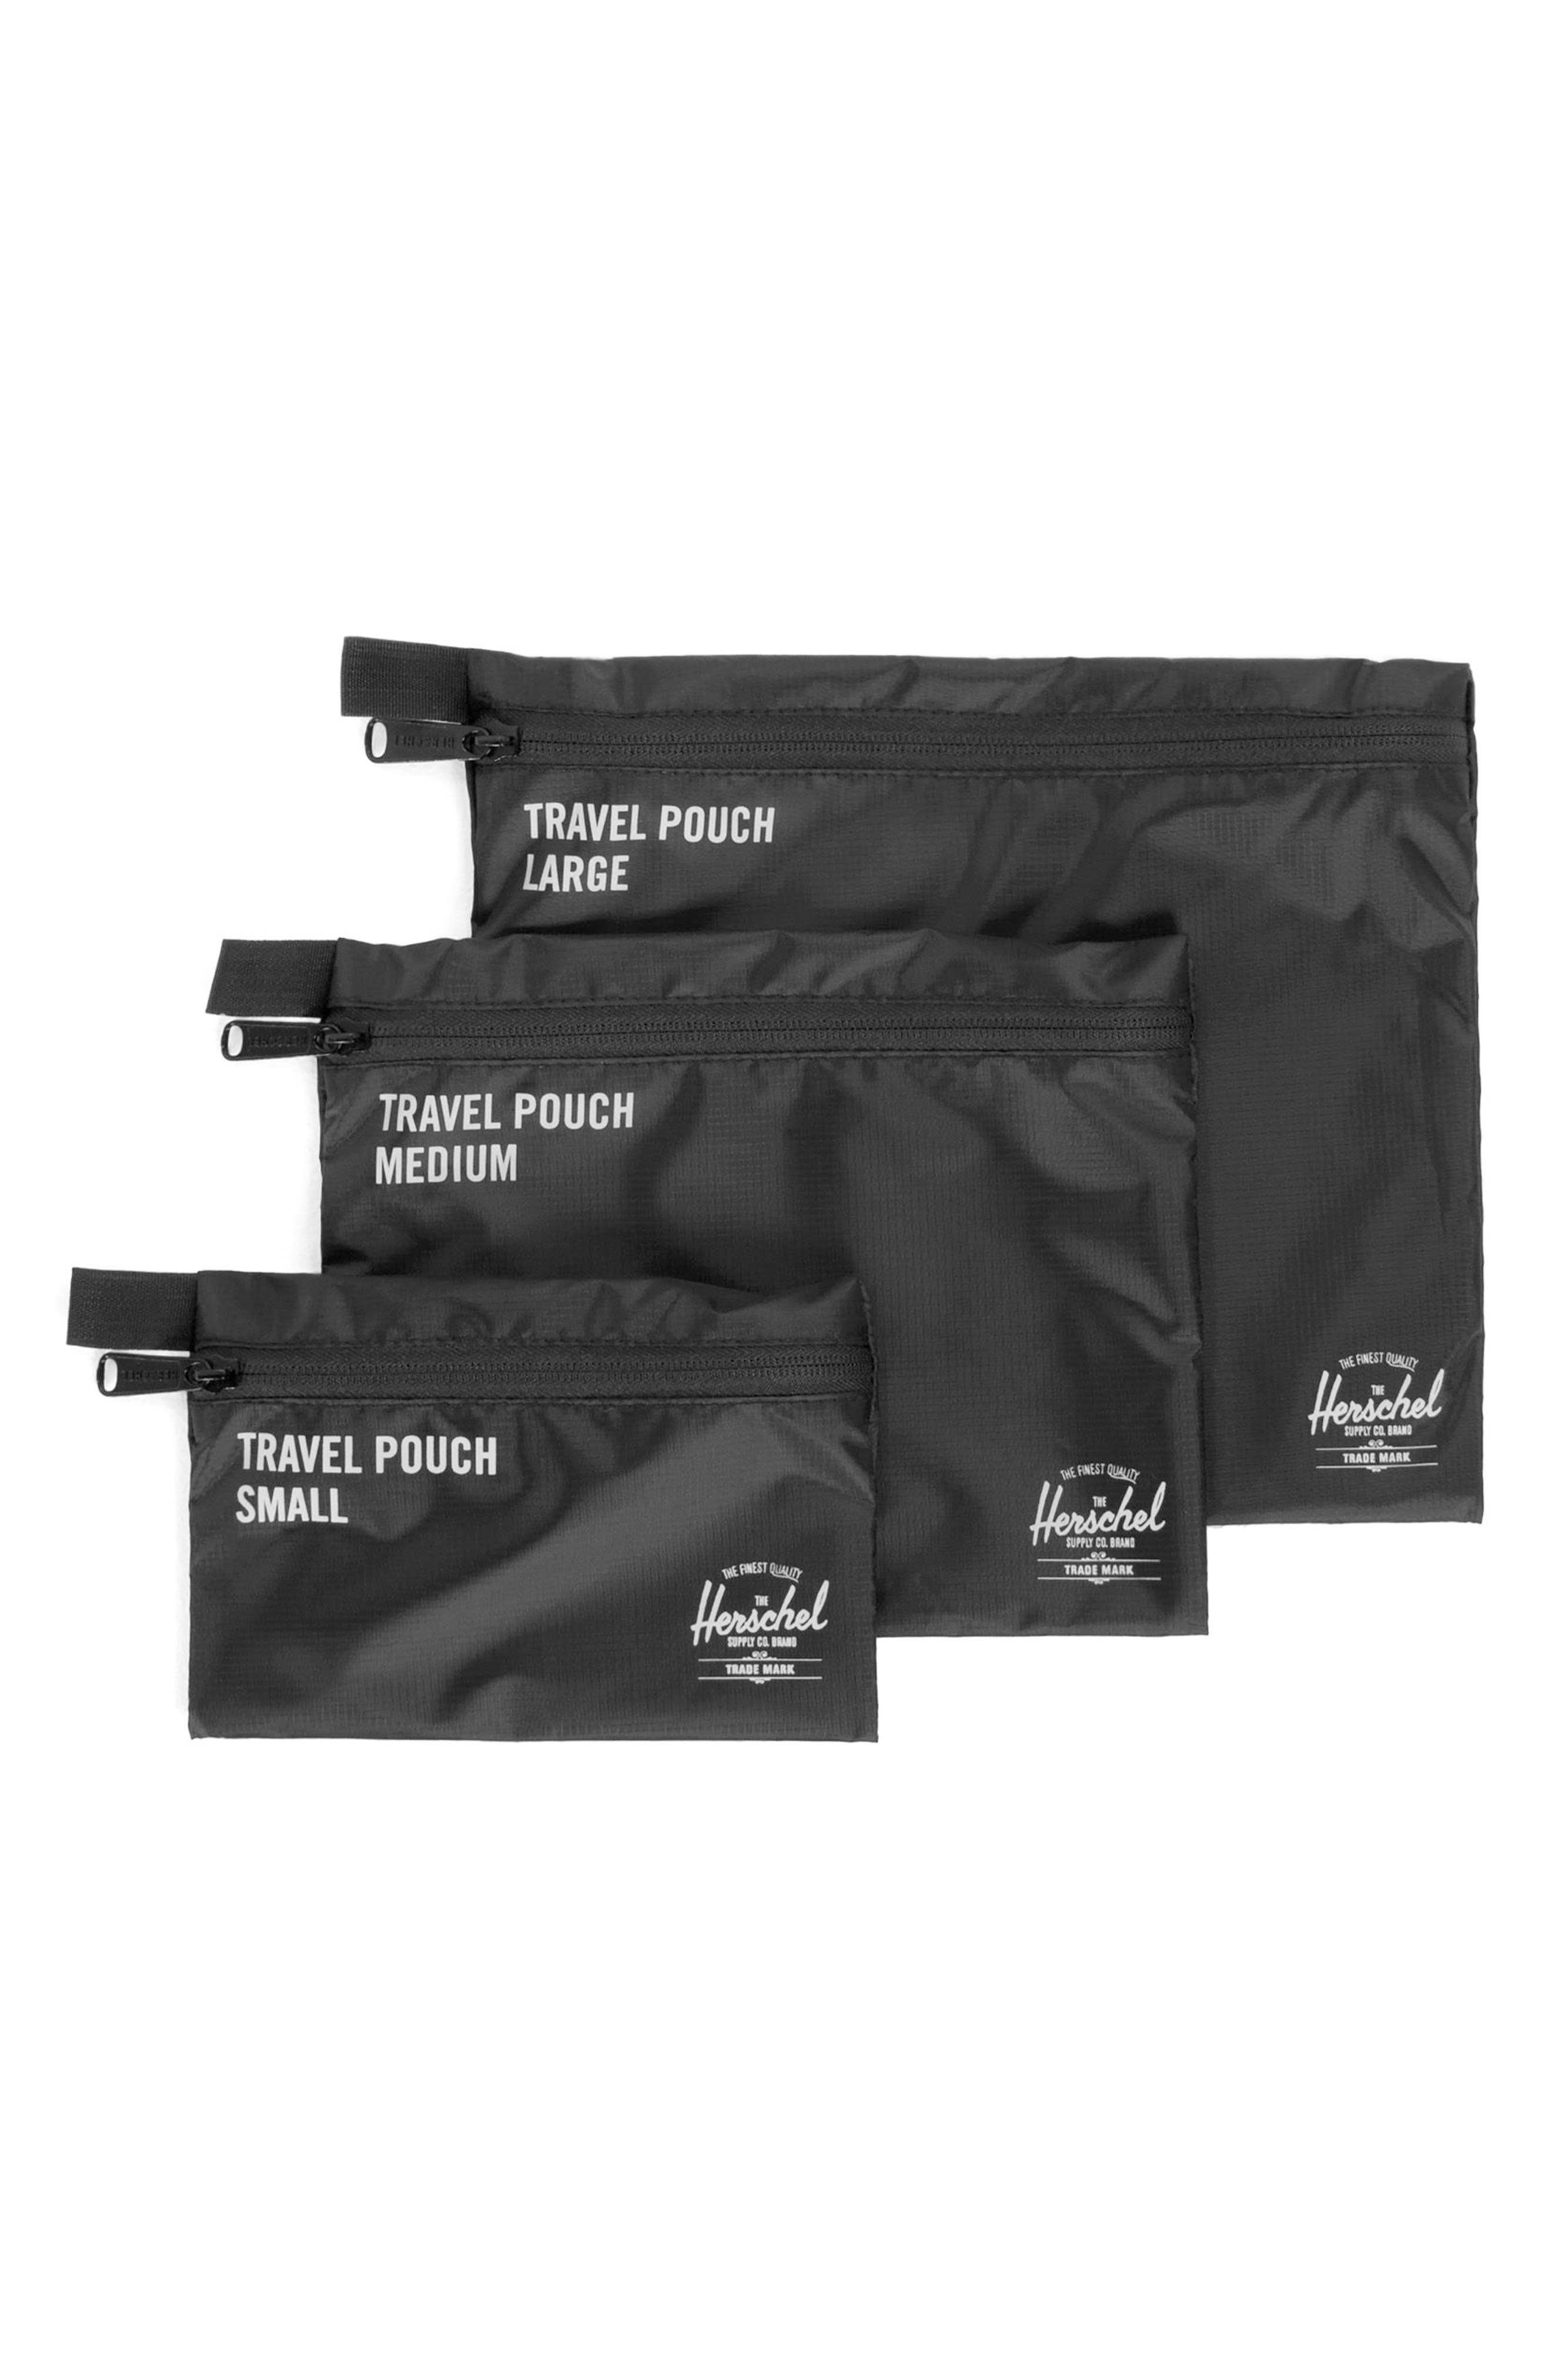 Travel Pouch Set,                             Main thumbnail 1, color,                             BLACK